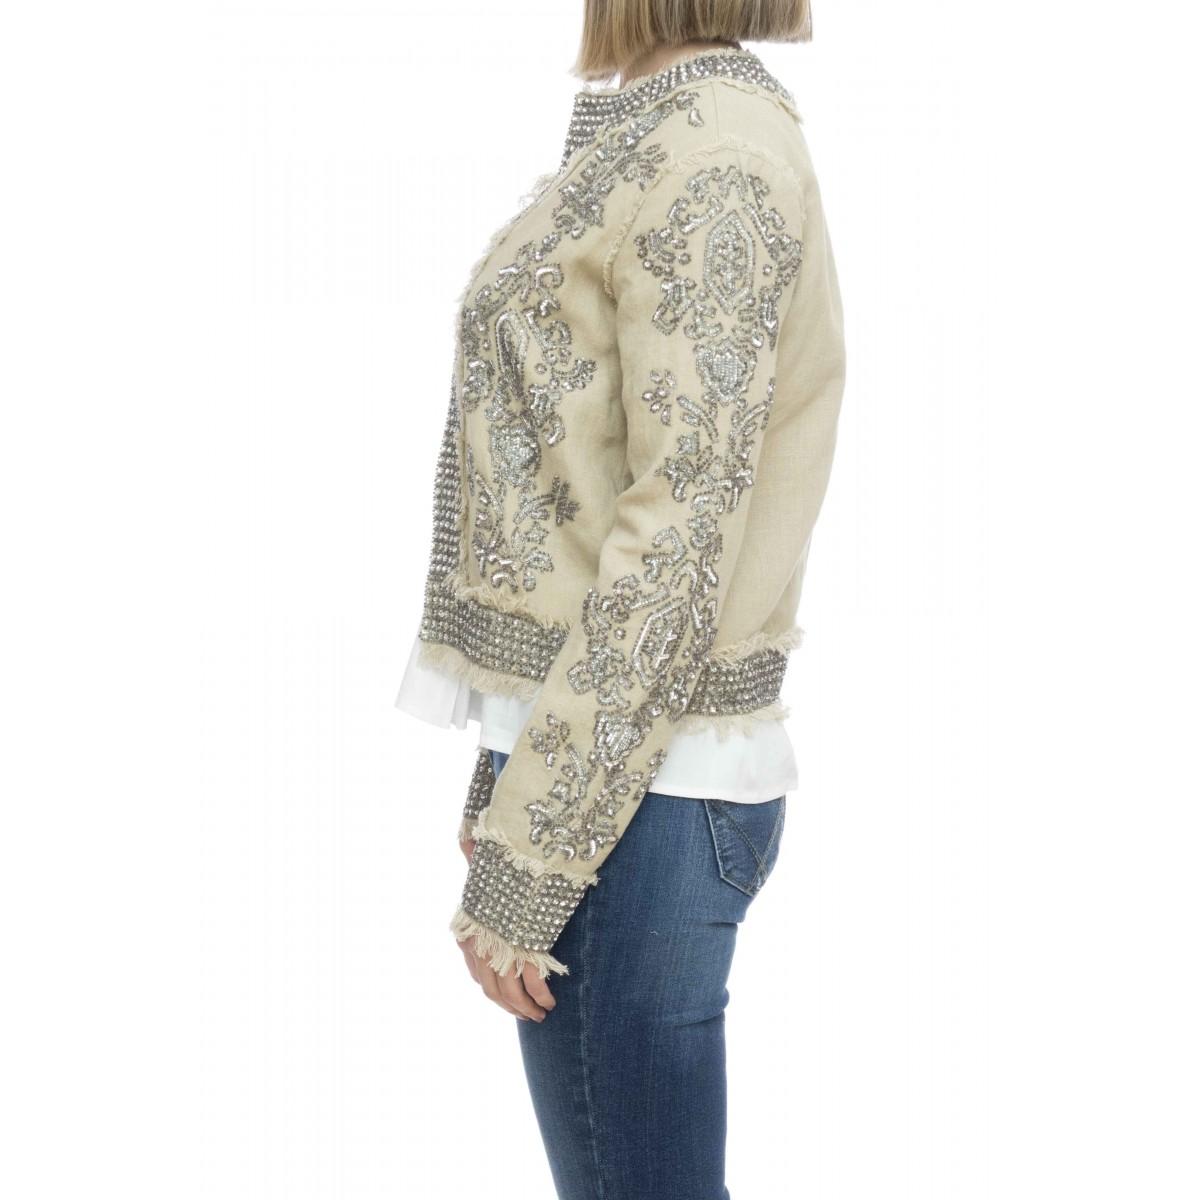 Giacca donna - 2060 giacca cotone con applicazioni